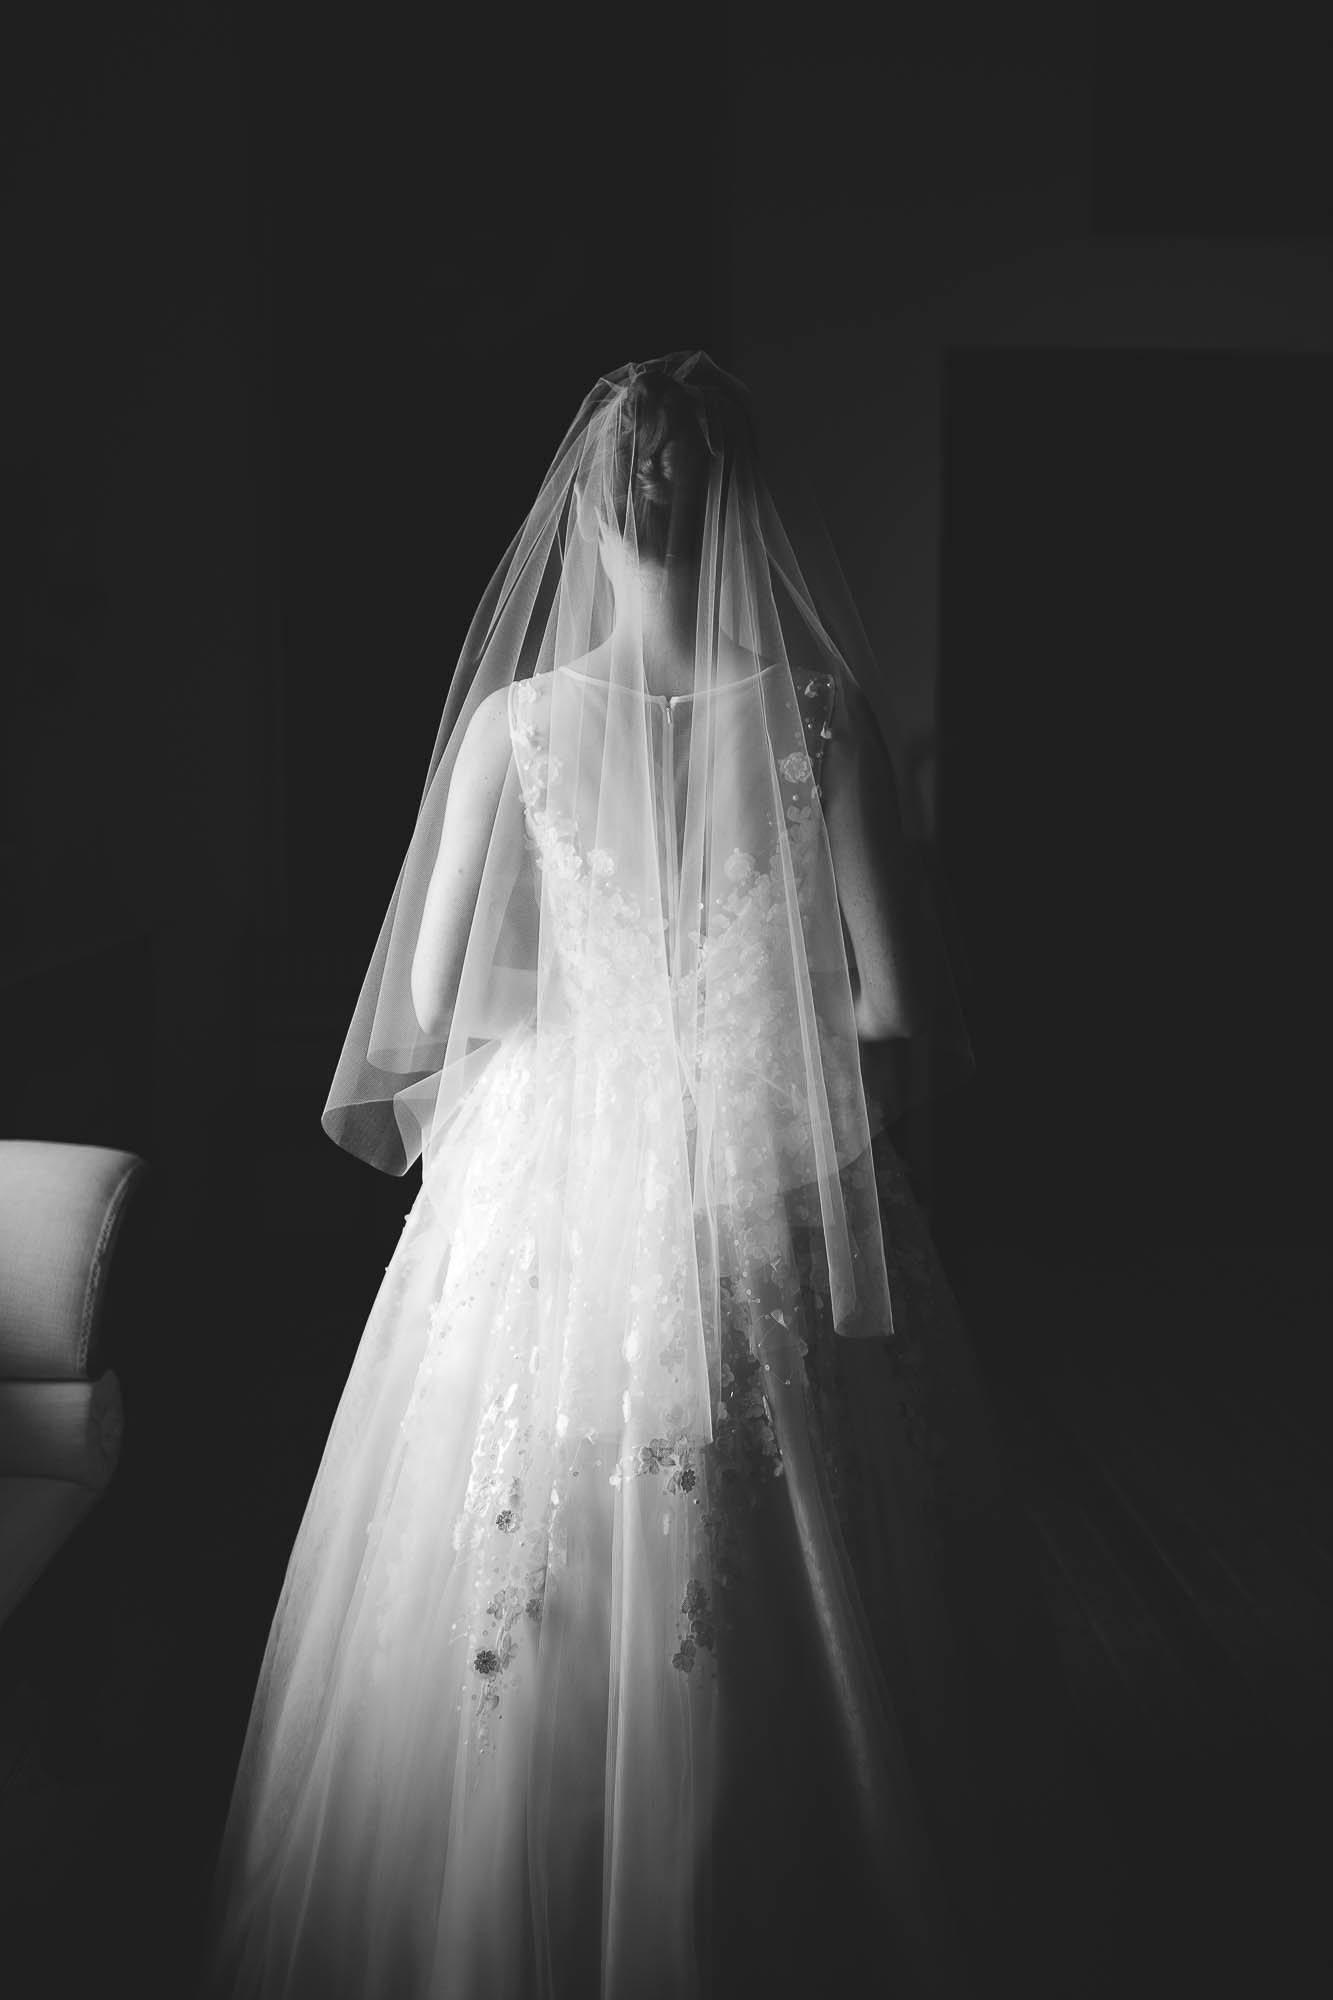 La novia de espaldas mostrando el velo